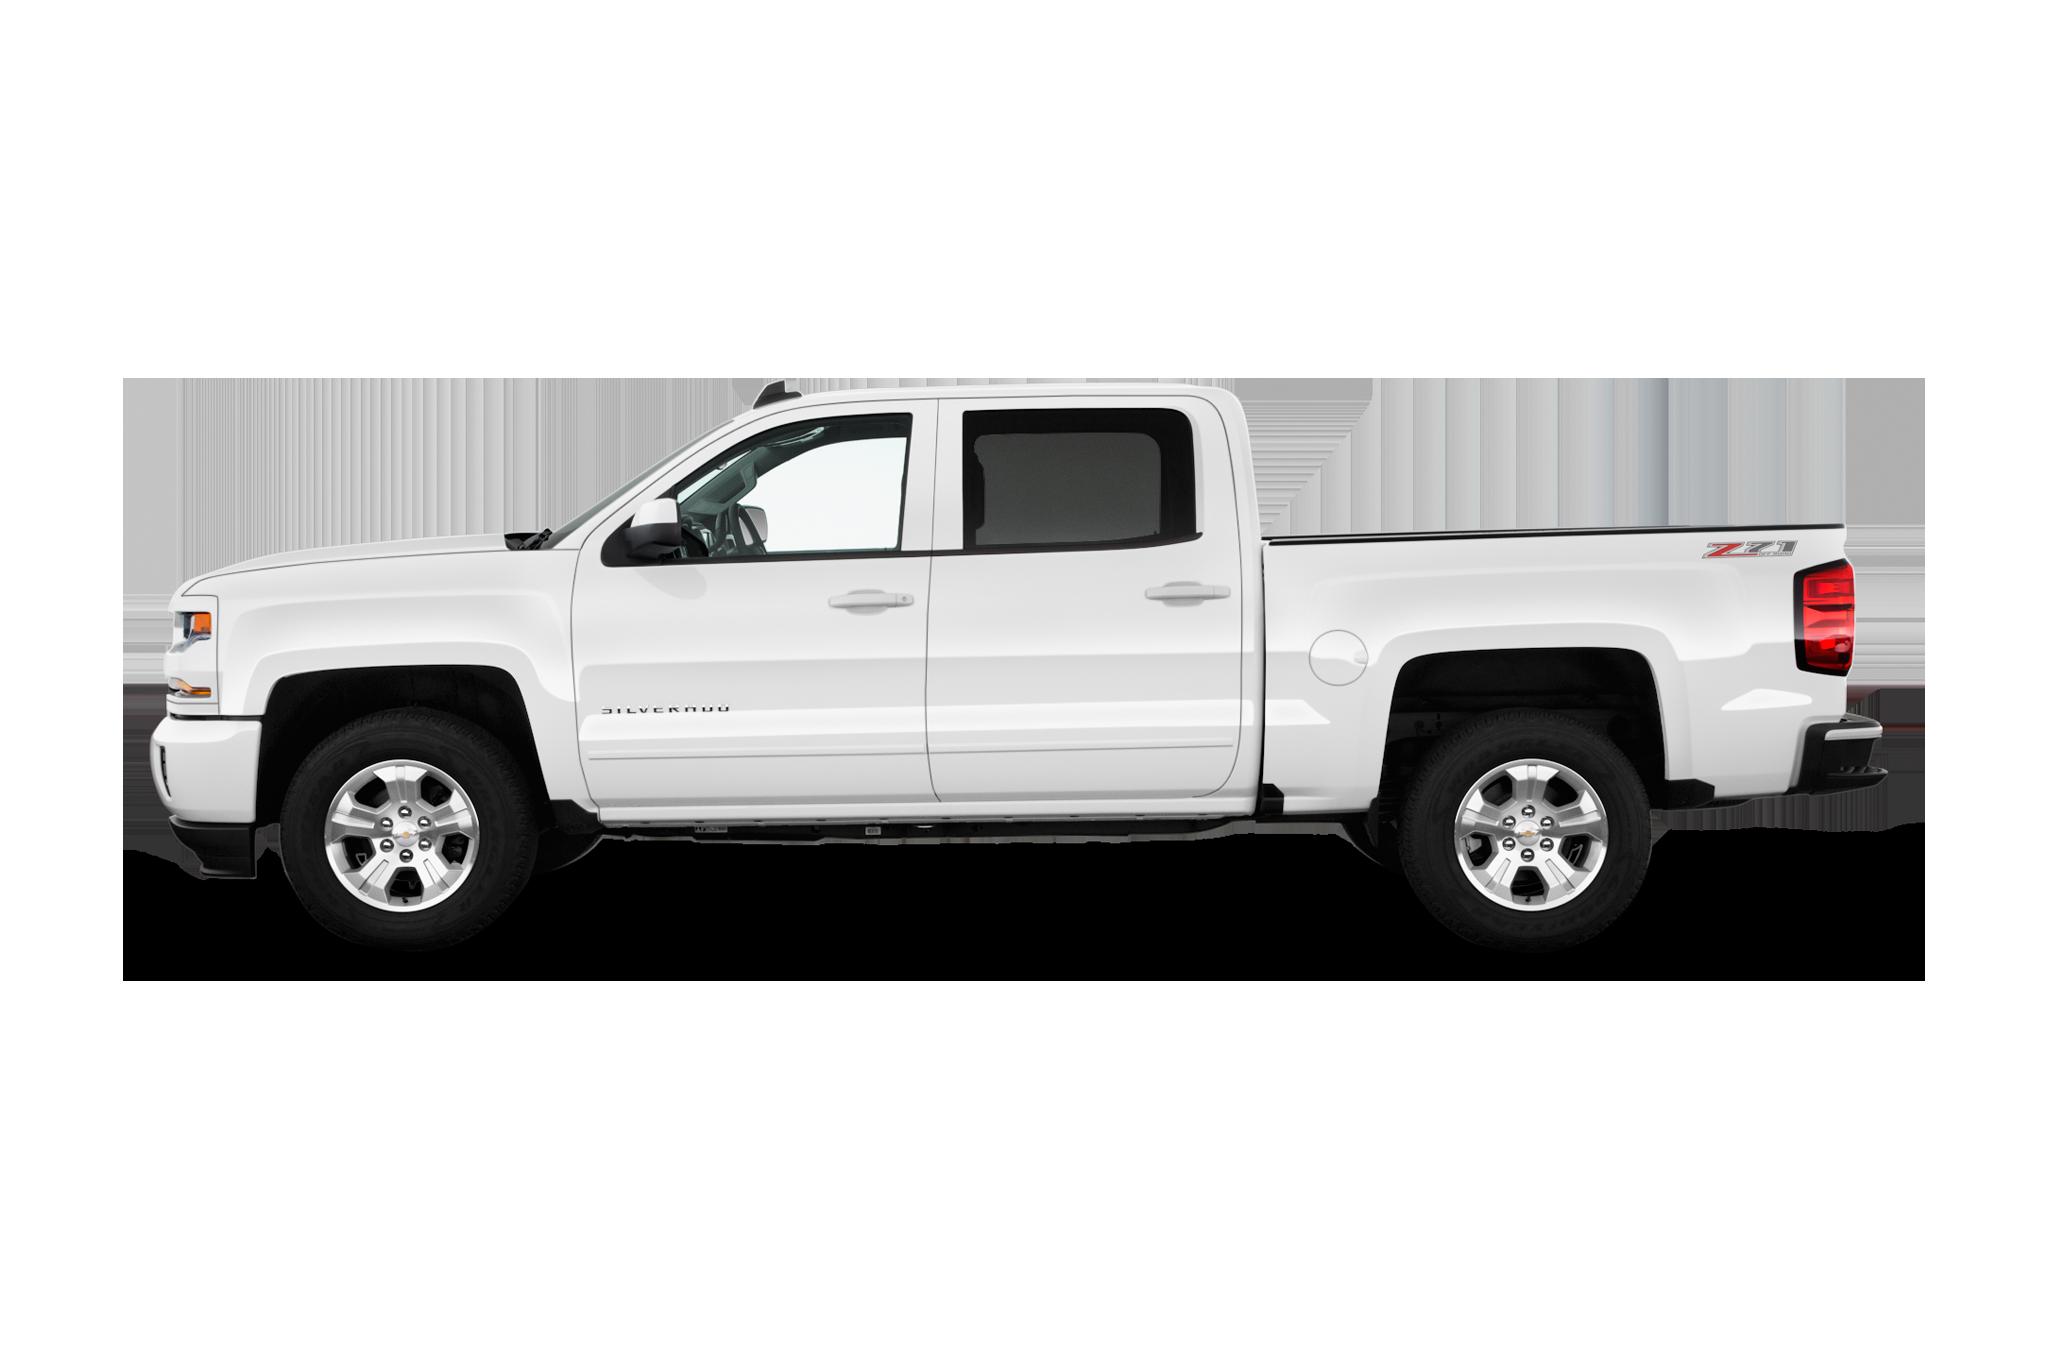 2018 Yenko SC Silverado Truck Packs 800 Horsepower